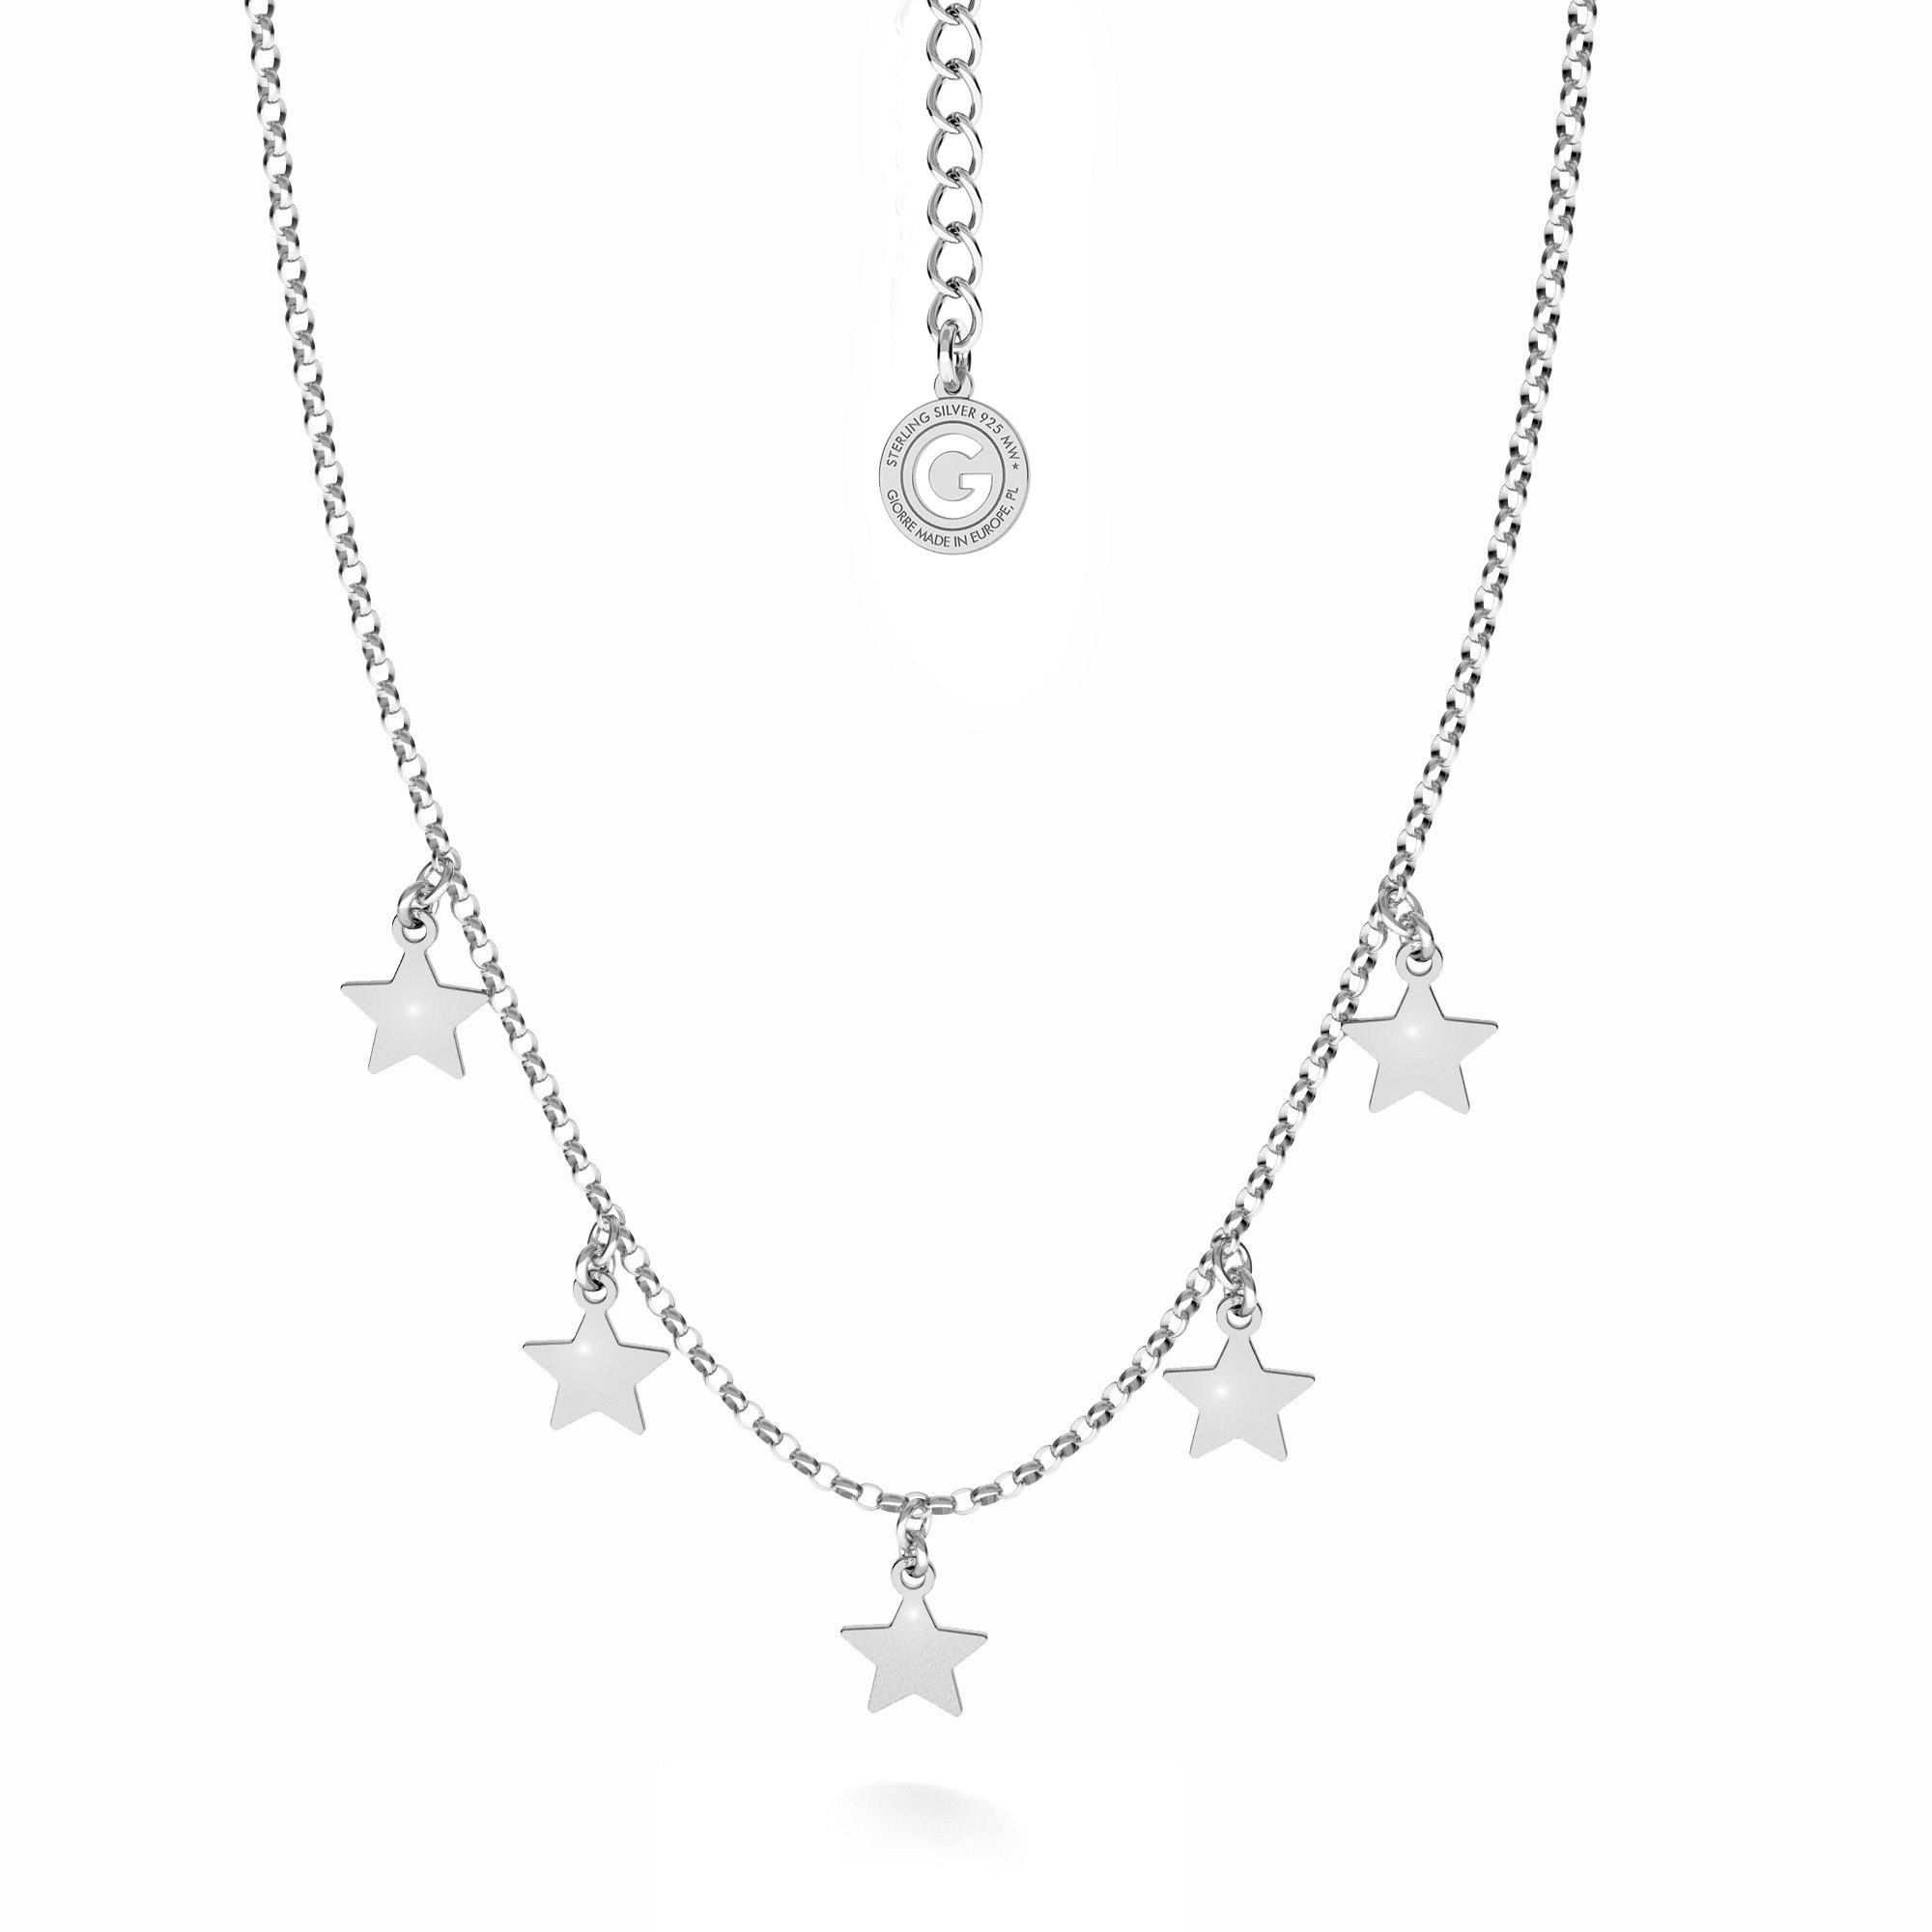 Silver star necklace MON DÉFI, silver 925